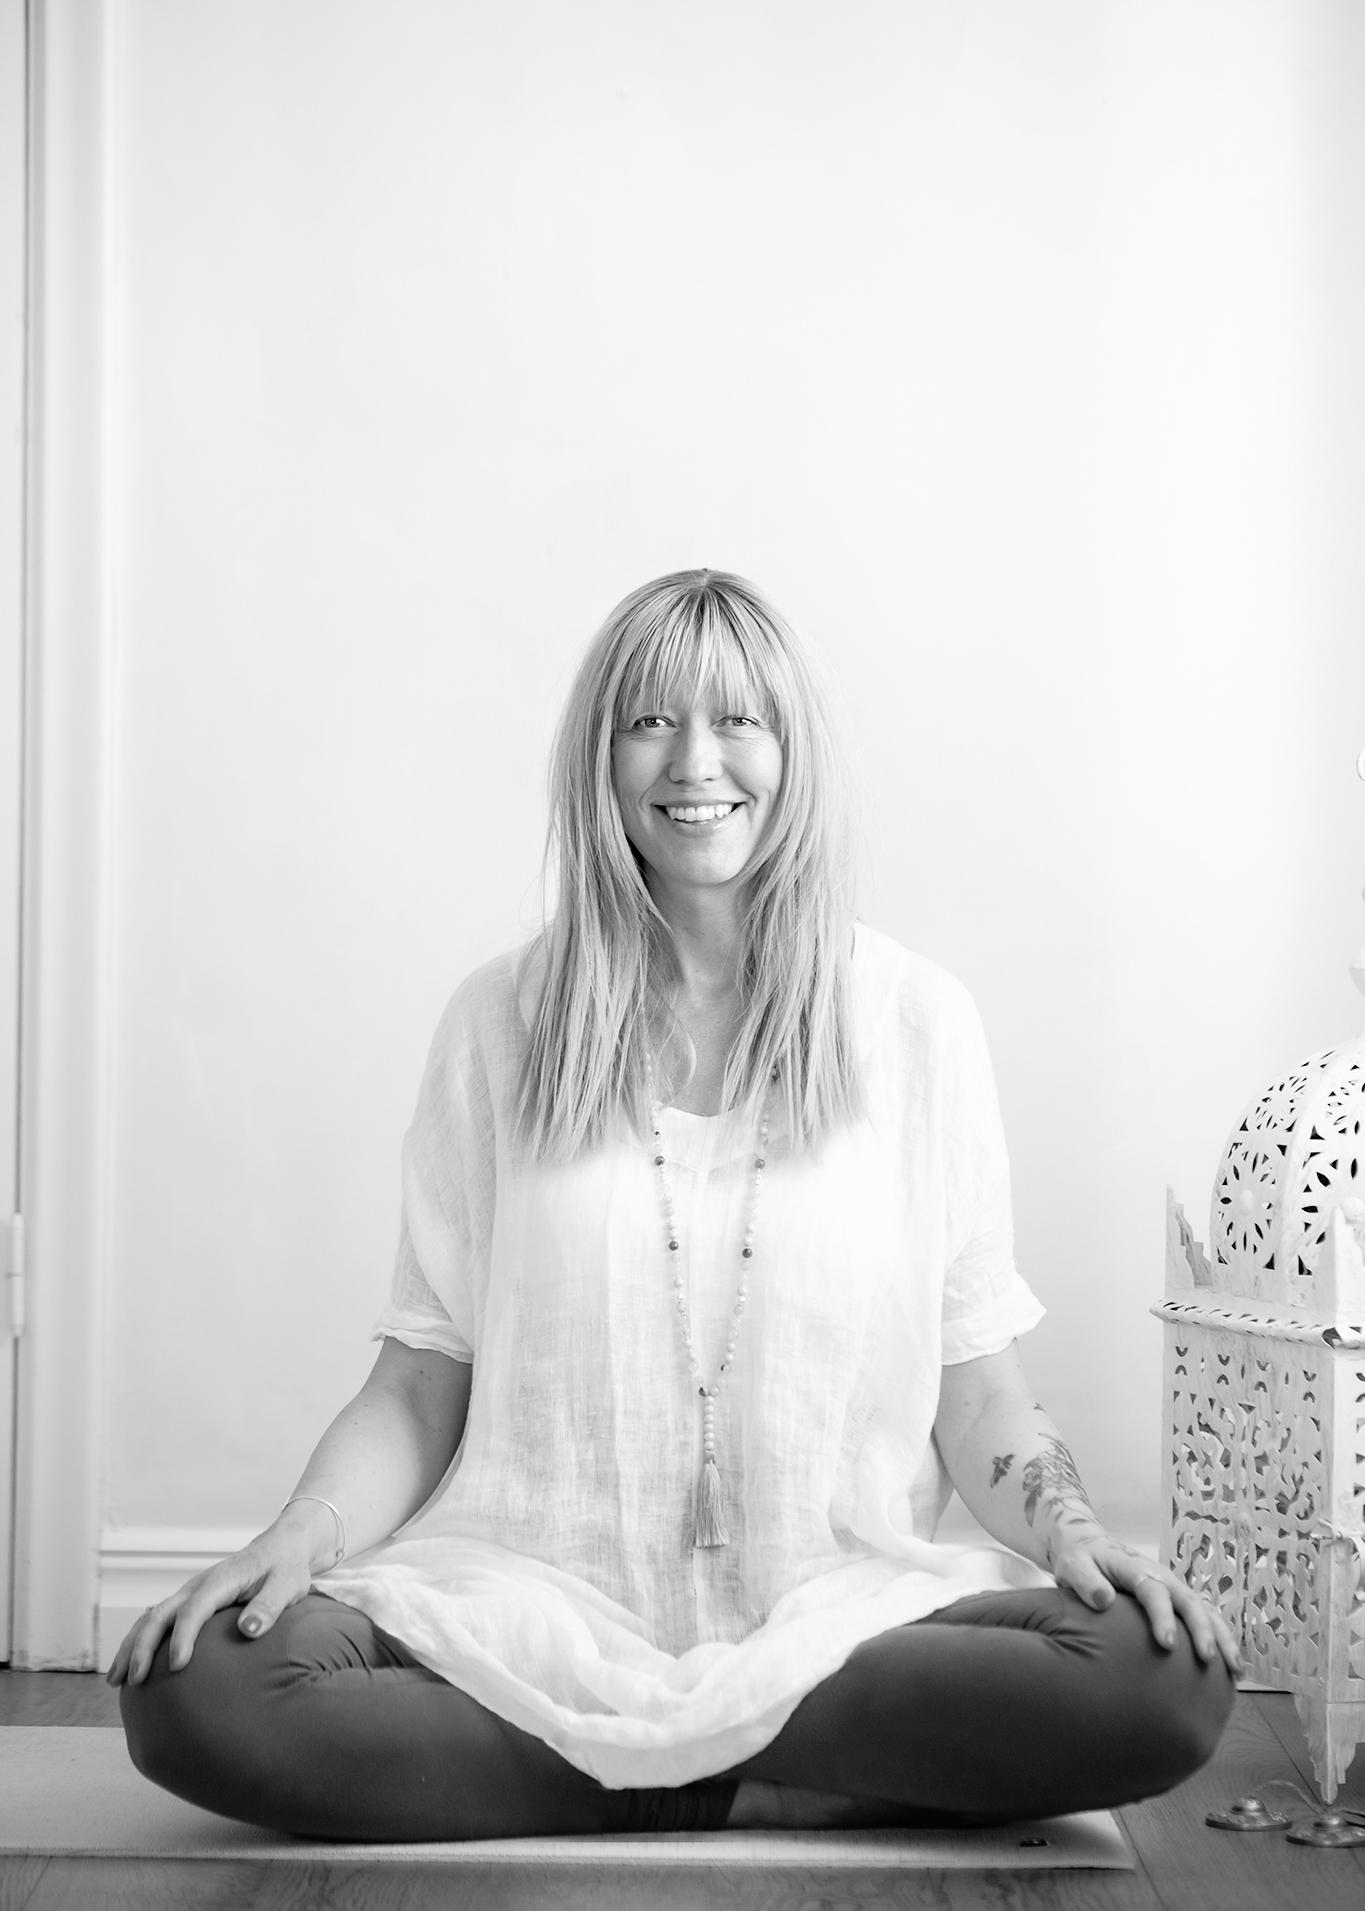 Ann-Sofie Åberg - Barnyoga lärareJag heter Ann-Sofie och jag har relativt nyligen upptäckt yoga och allt det fina som det medför. Jag är så glad att jag äntligen har hittat en träningsform som passar mig och som ger mig en starkare och mer rörlig kropp, samtidigt som den ger mig den stillhet och närvaro som jag behöver. Jag är alltså helt i början av min yogaresa och jag suger åt mig allt jag kan för att lära mig mer.Jag är utbildad barnyogalärare och jobbar nu med barngrupper på My Sangha Shala. Med specialskrivna yoga-sagor tar jag med barnen på fantasifulla resor där andning och rörelse förenas. Vi skrattar och har roligt och vilar sedan tillsammans. Yogasagorna förmedlar att alla duger precis så som de är, och jag försöker skicka med barnen känslan av att de är betydelsefulla och starka. Att få ge barnen verktyg att använda i vardagen känns fint och betydelsefullt.Jag jobbar också som barn- och familjefotograf med egen studio där jag får ytterligare utlopp för min kreativa sida. Sedan en tid tillbaka driver jag också en liten personlig webbshop med handgjorda yoga-smycken och barnyogakort. Där finns också yogasagor och material som är tänkt att vara till hjälp för föräldrar som själva vill yoga tillsammans med sina barn.Jag planerar att framöver gå en yogaledarutbildning för att lära mig mer, både för mig egen utvecklings skull, men också för att det skulle vara så spännande och roligt att få undervisa yoga även tillsammans med vuxna.Ann-Sofie